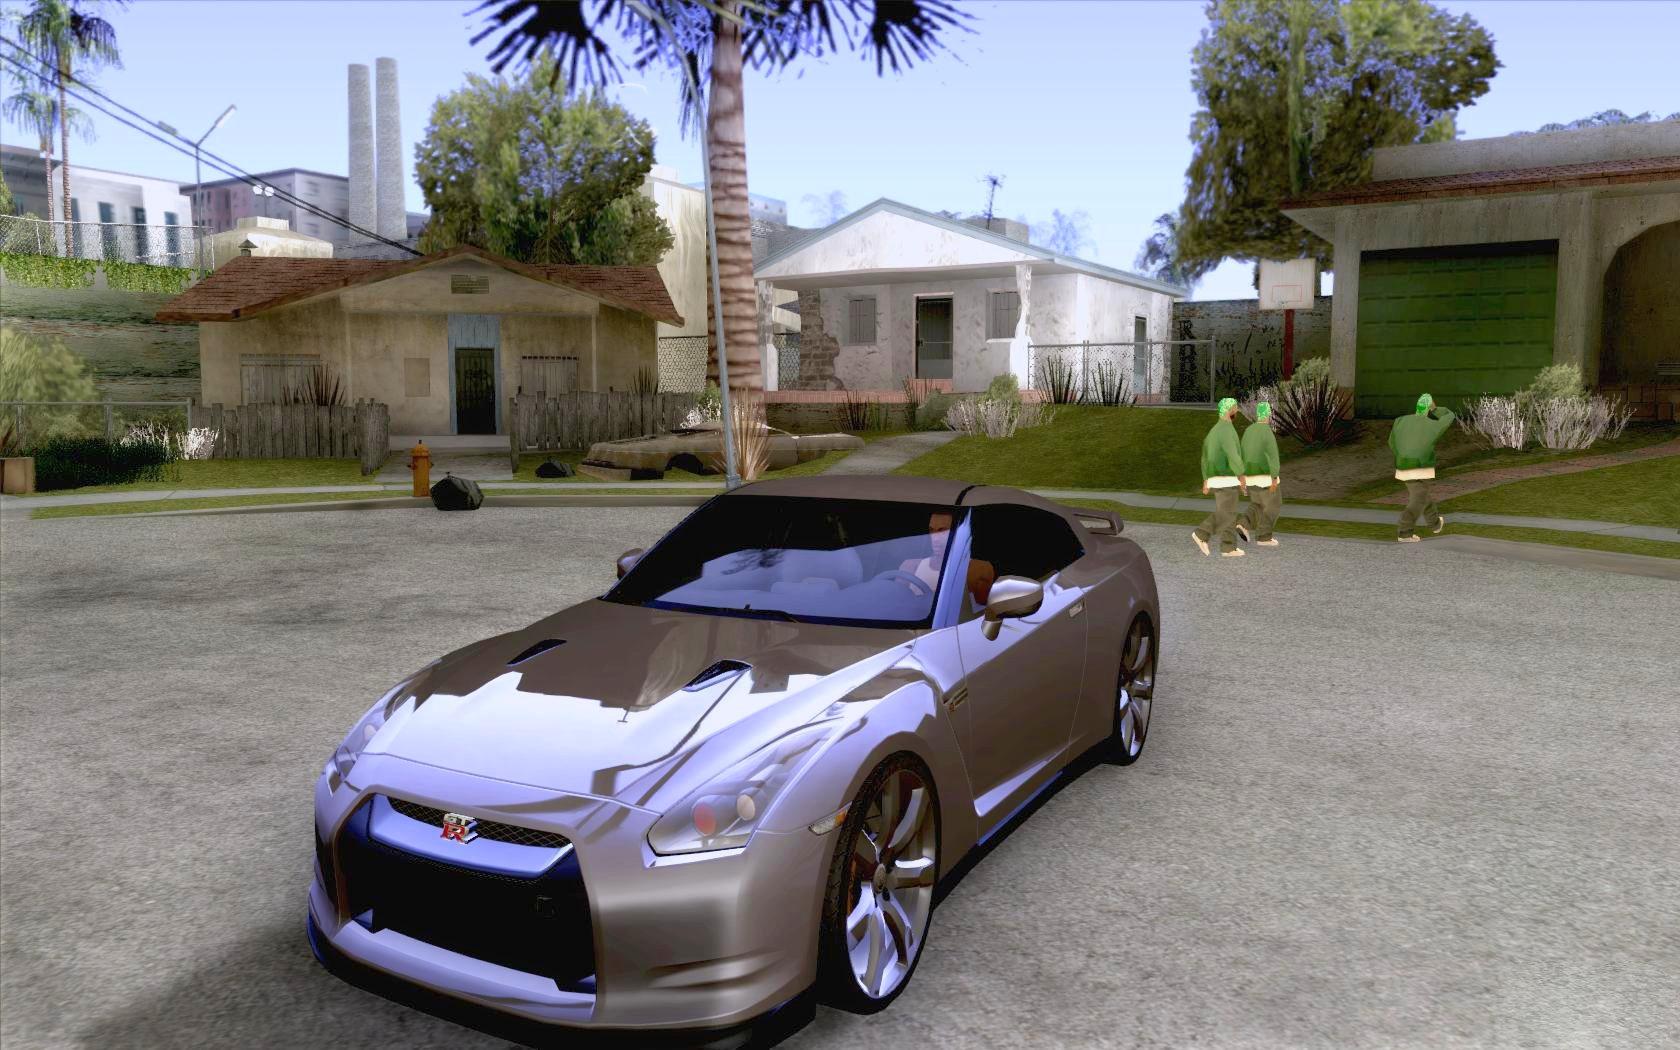 problemy-pri-usta.jpg - Grand Theft Auto: San Andreas